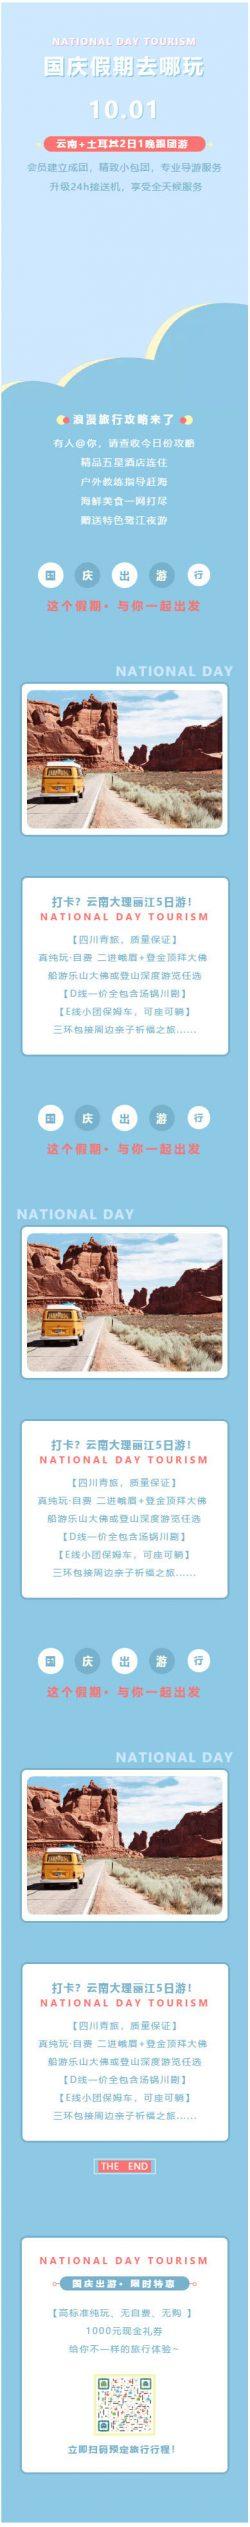 国庆假期去哪玩中秋节国庆节小长假旅游蓝色可爱卡通风格模板